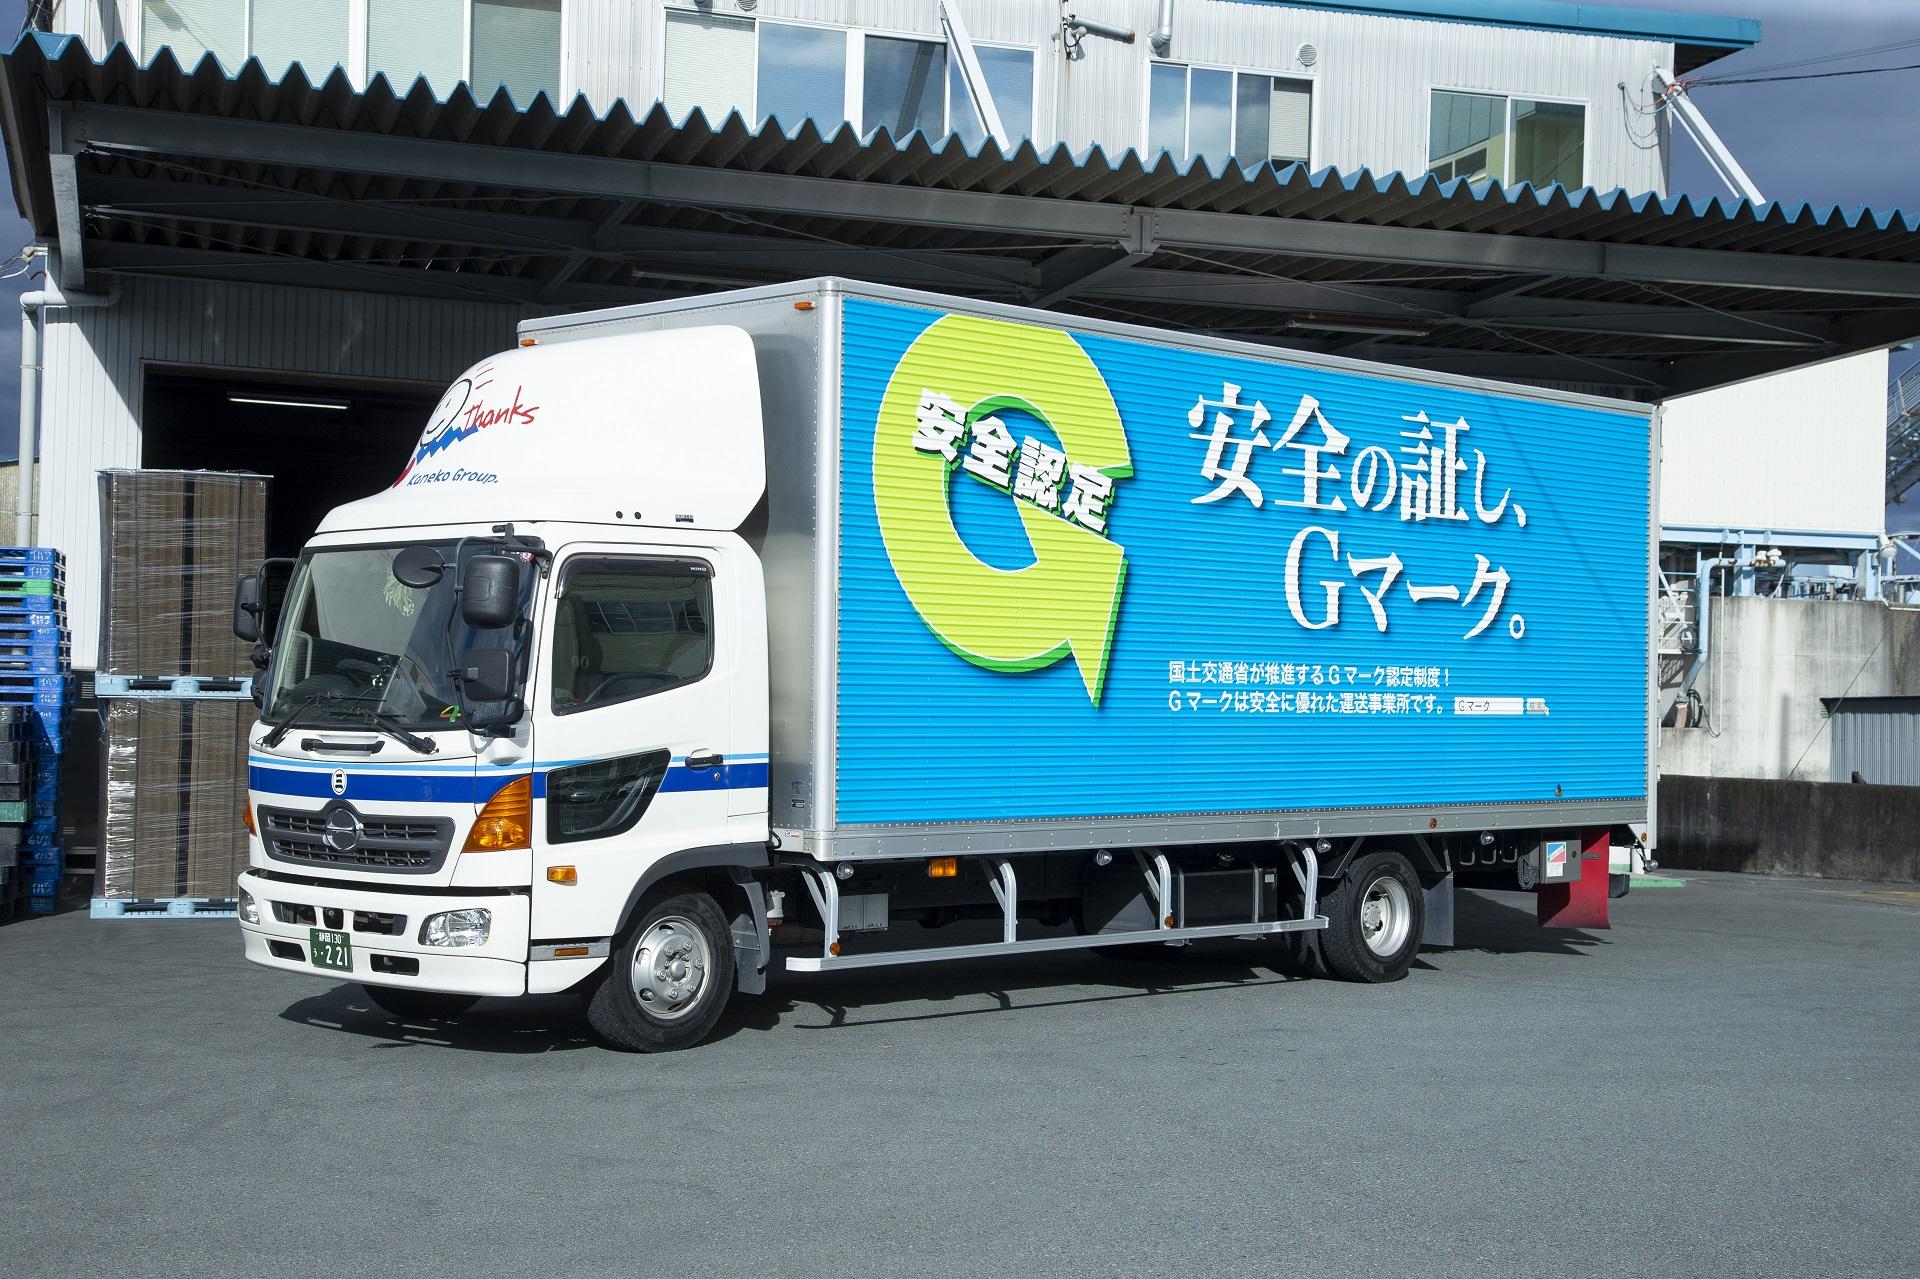 徳三運輸倉庫株式会社